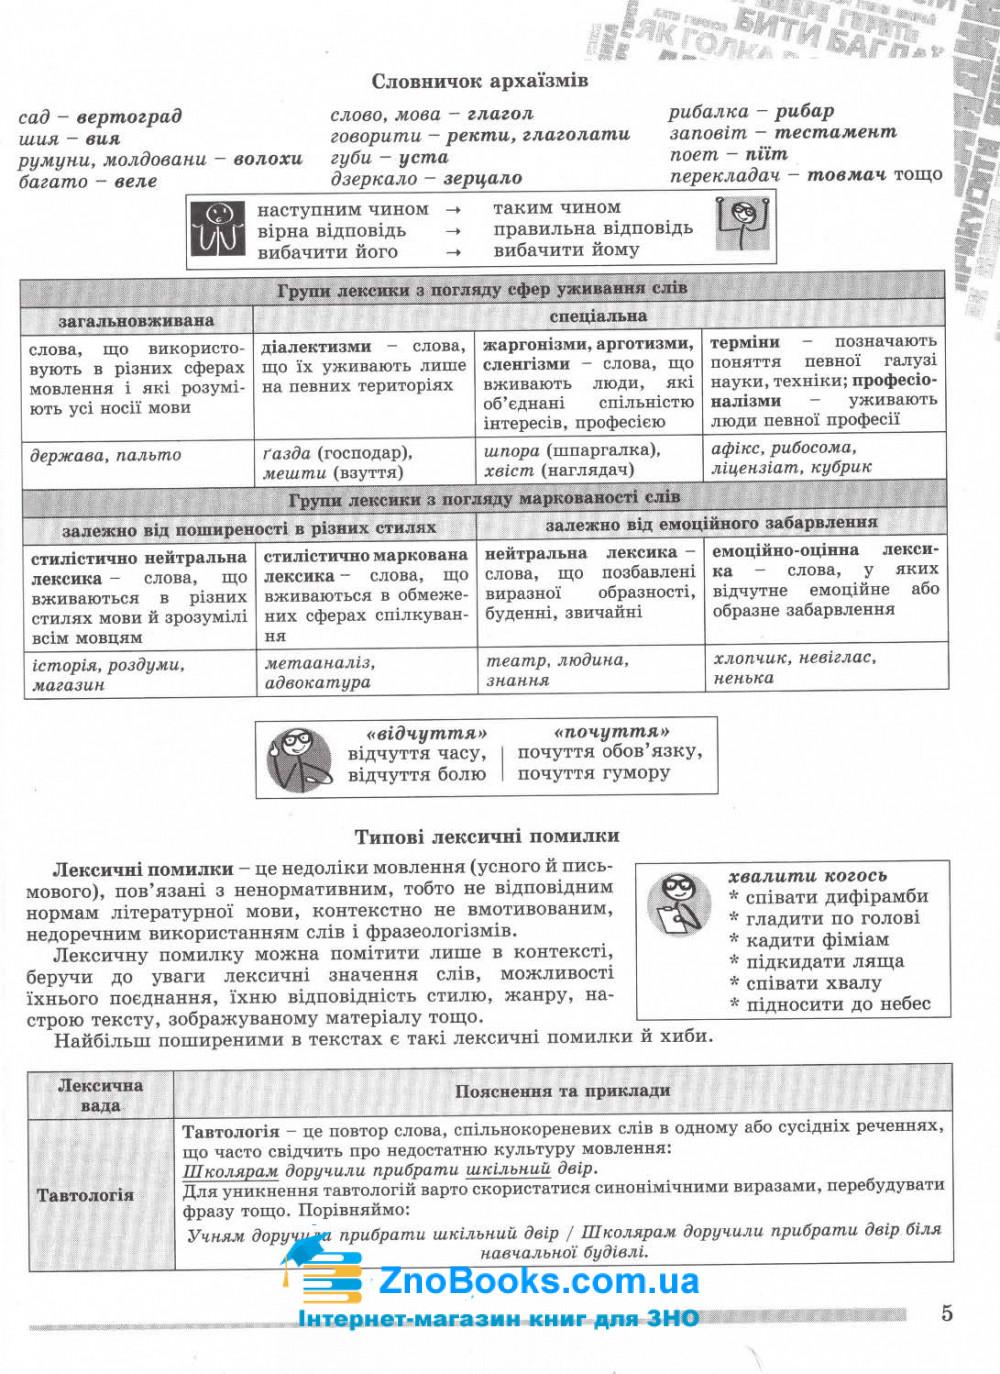 Українська мова ЗНО 2022. Комплексна підготовка : Терещенко В. та ін. Генеза. купити 6